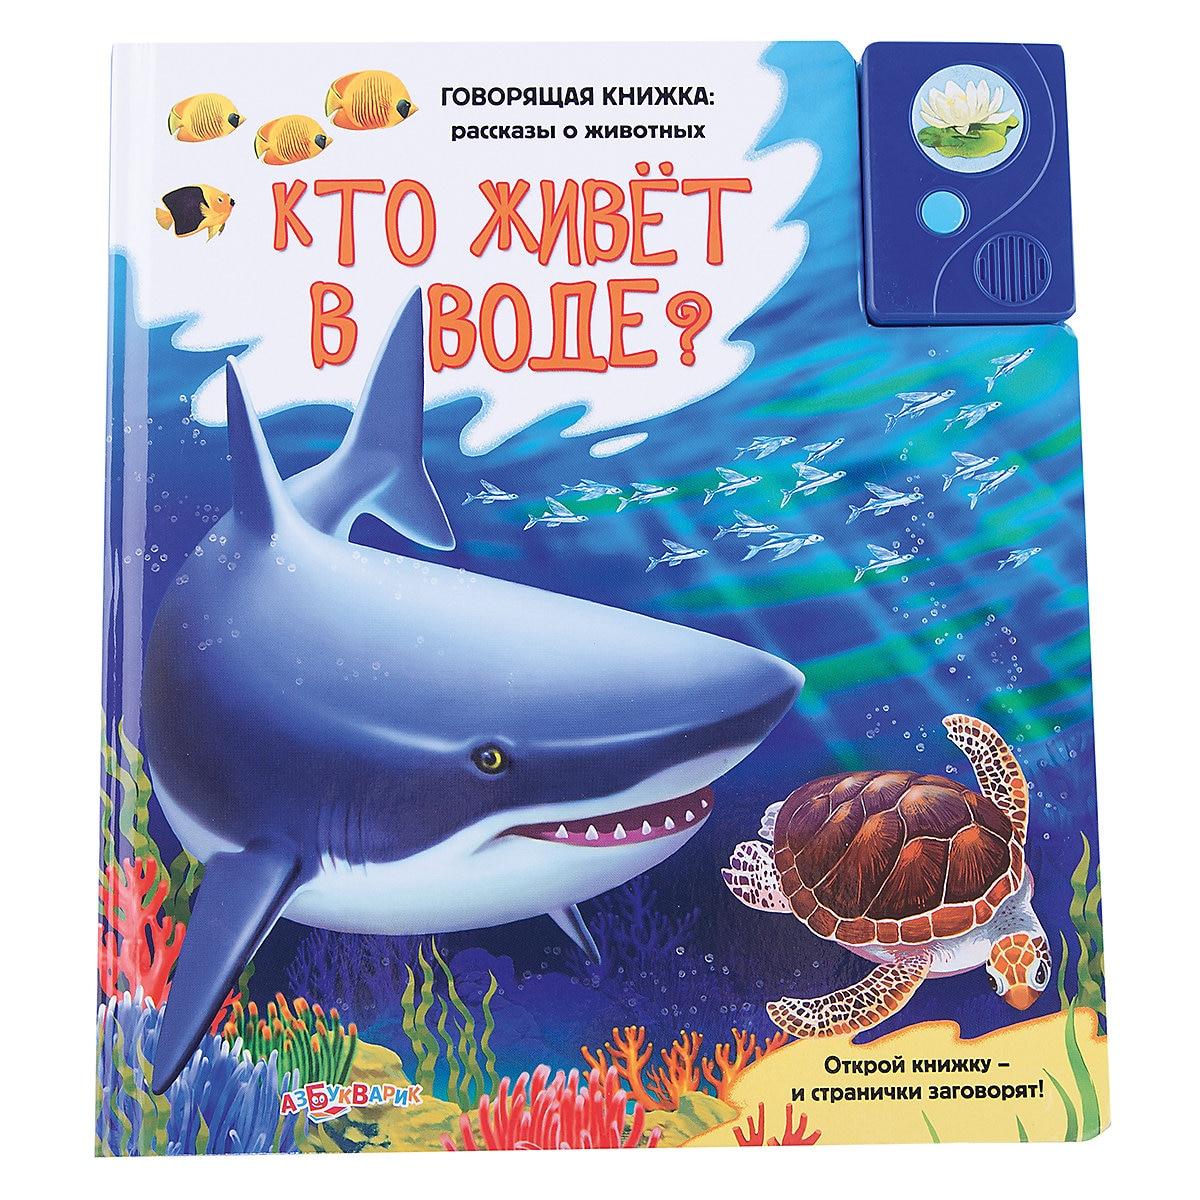 Azbukvarik Books 4951764 Education Electronic Baby Book MTpromo